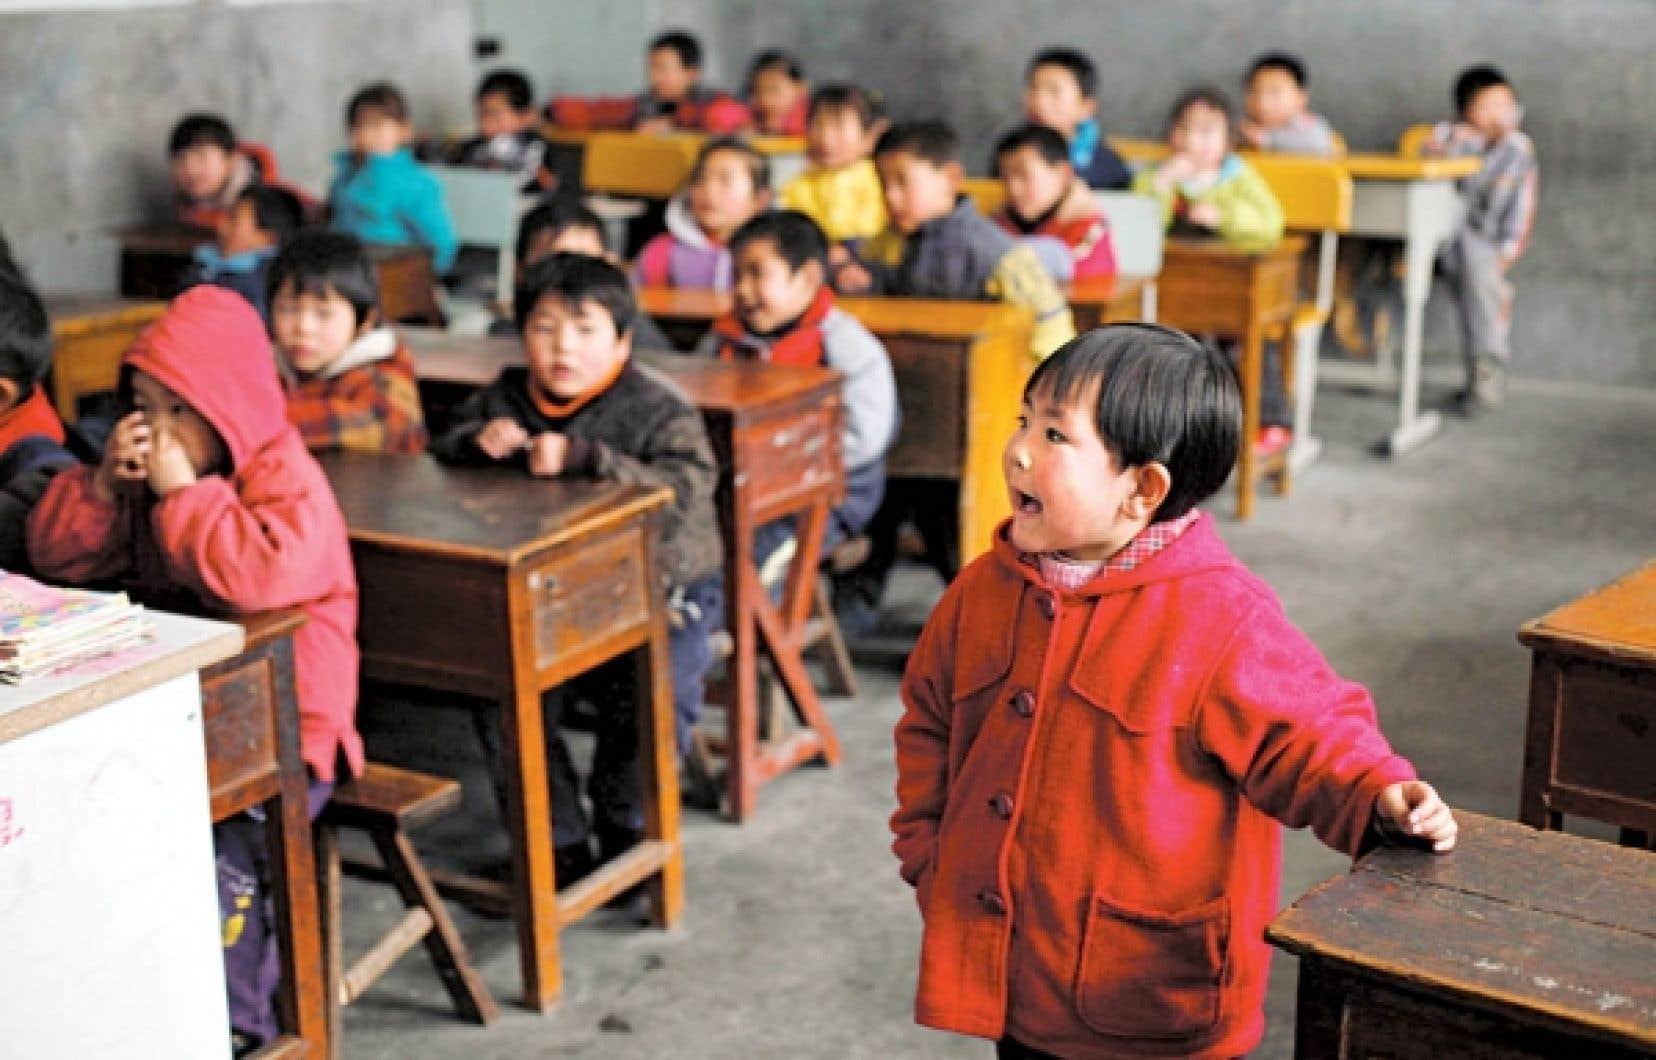 La population chinoise est en train de vieillir à un rythme accéléré, préviennent les démographes.